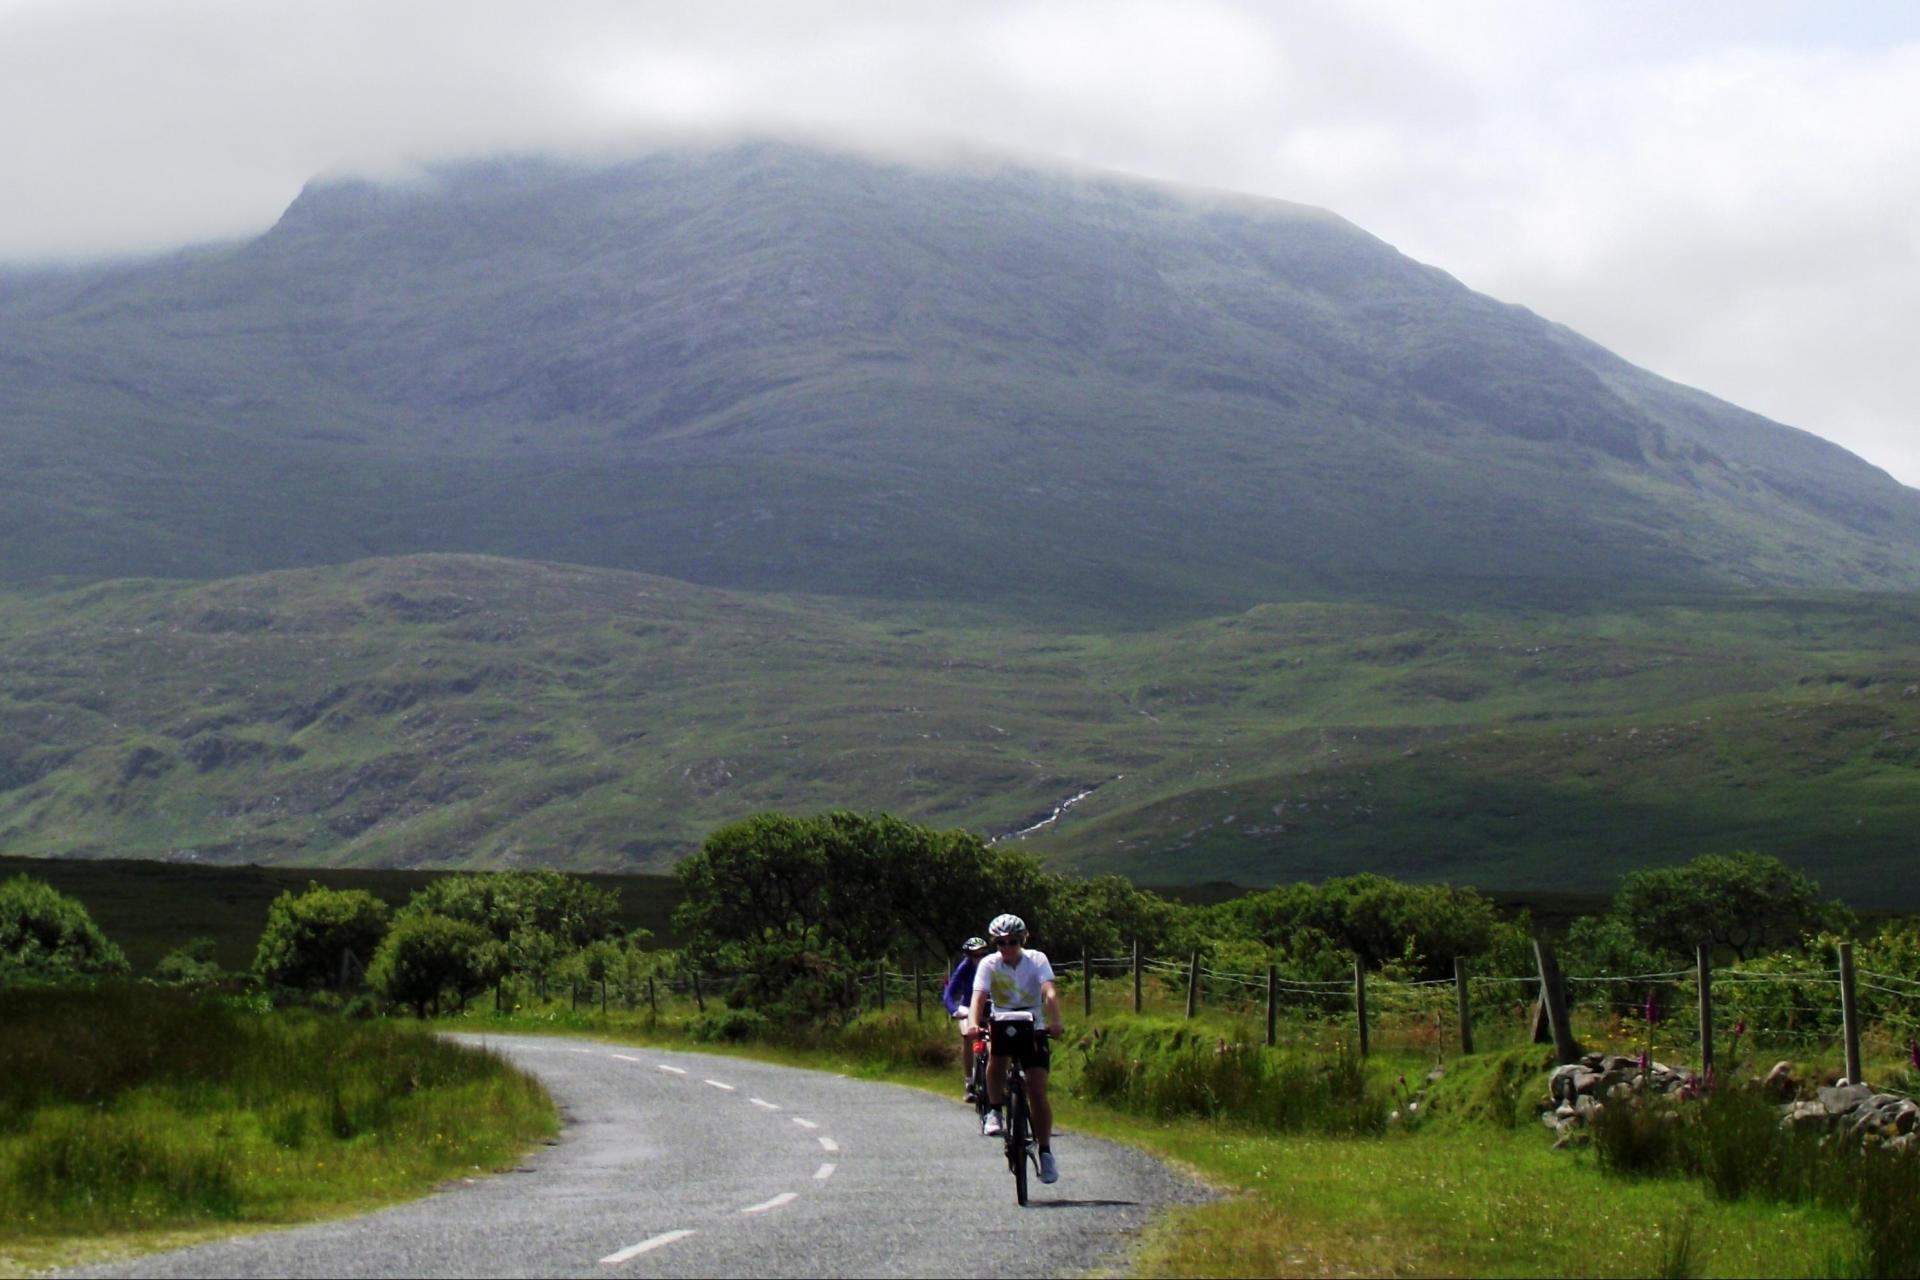 cycling tour to aran islands of ireland; photo Reinhard Pantke